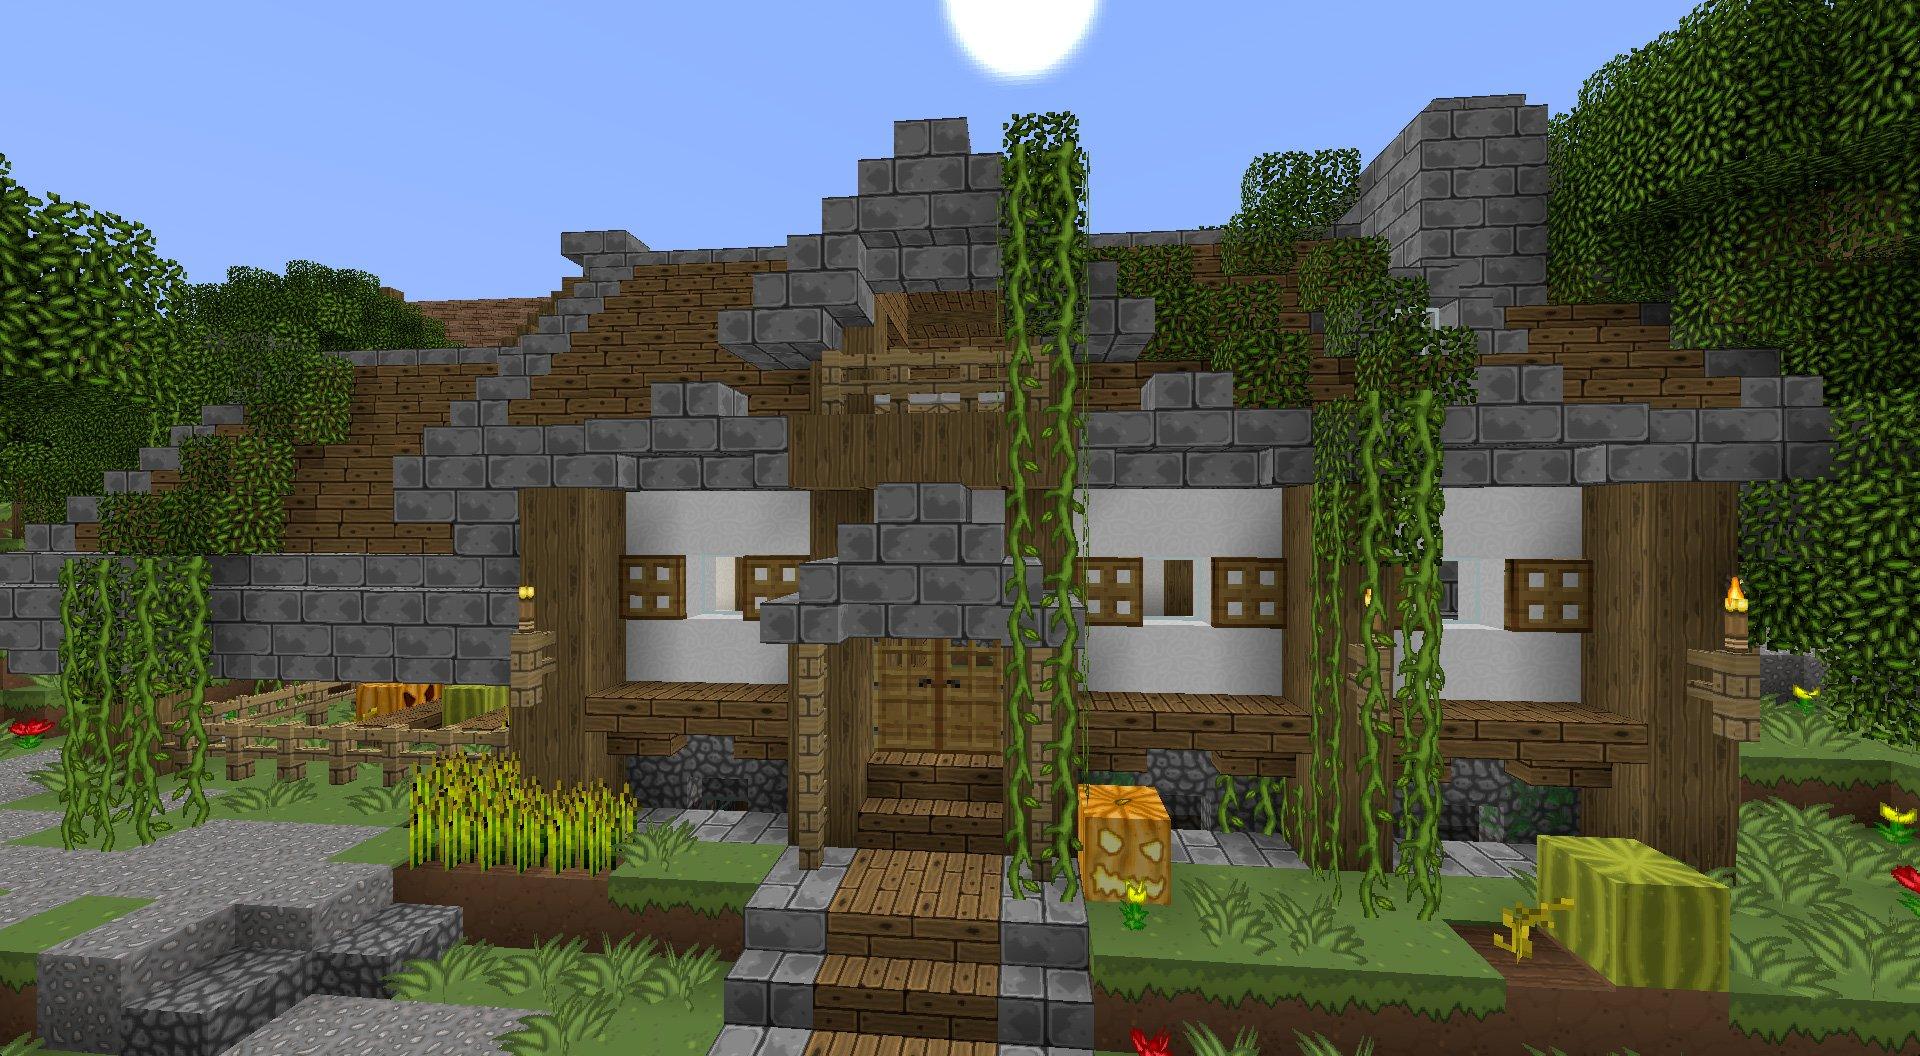 Minecraftru m org 18 - 57942